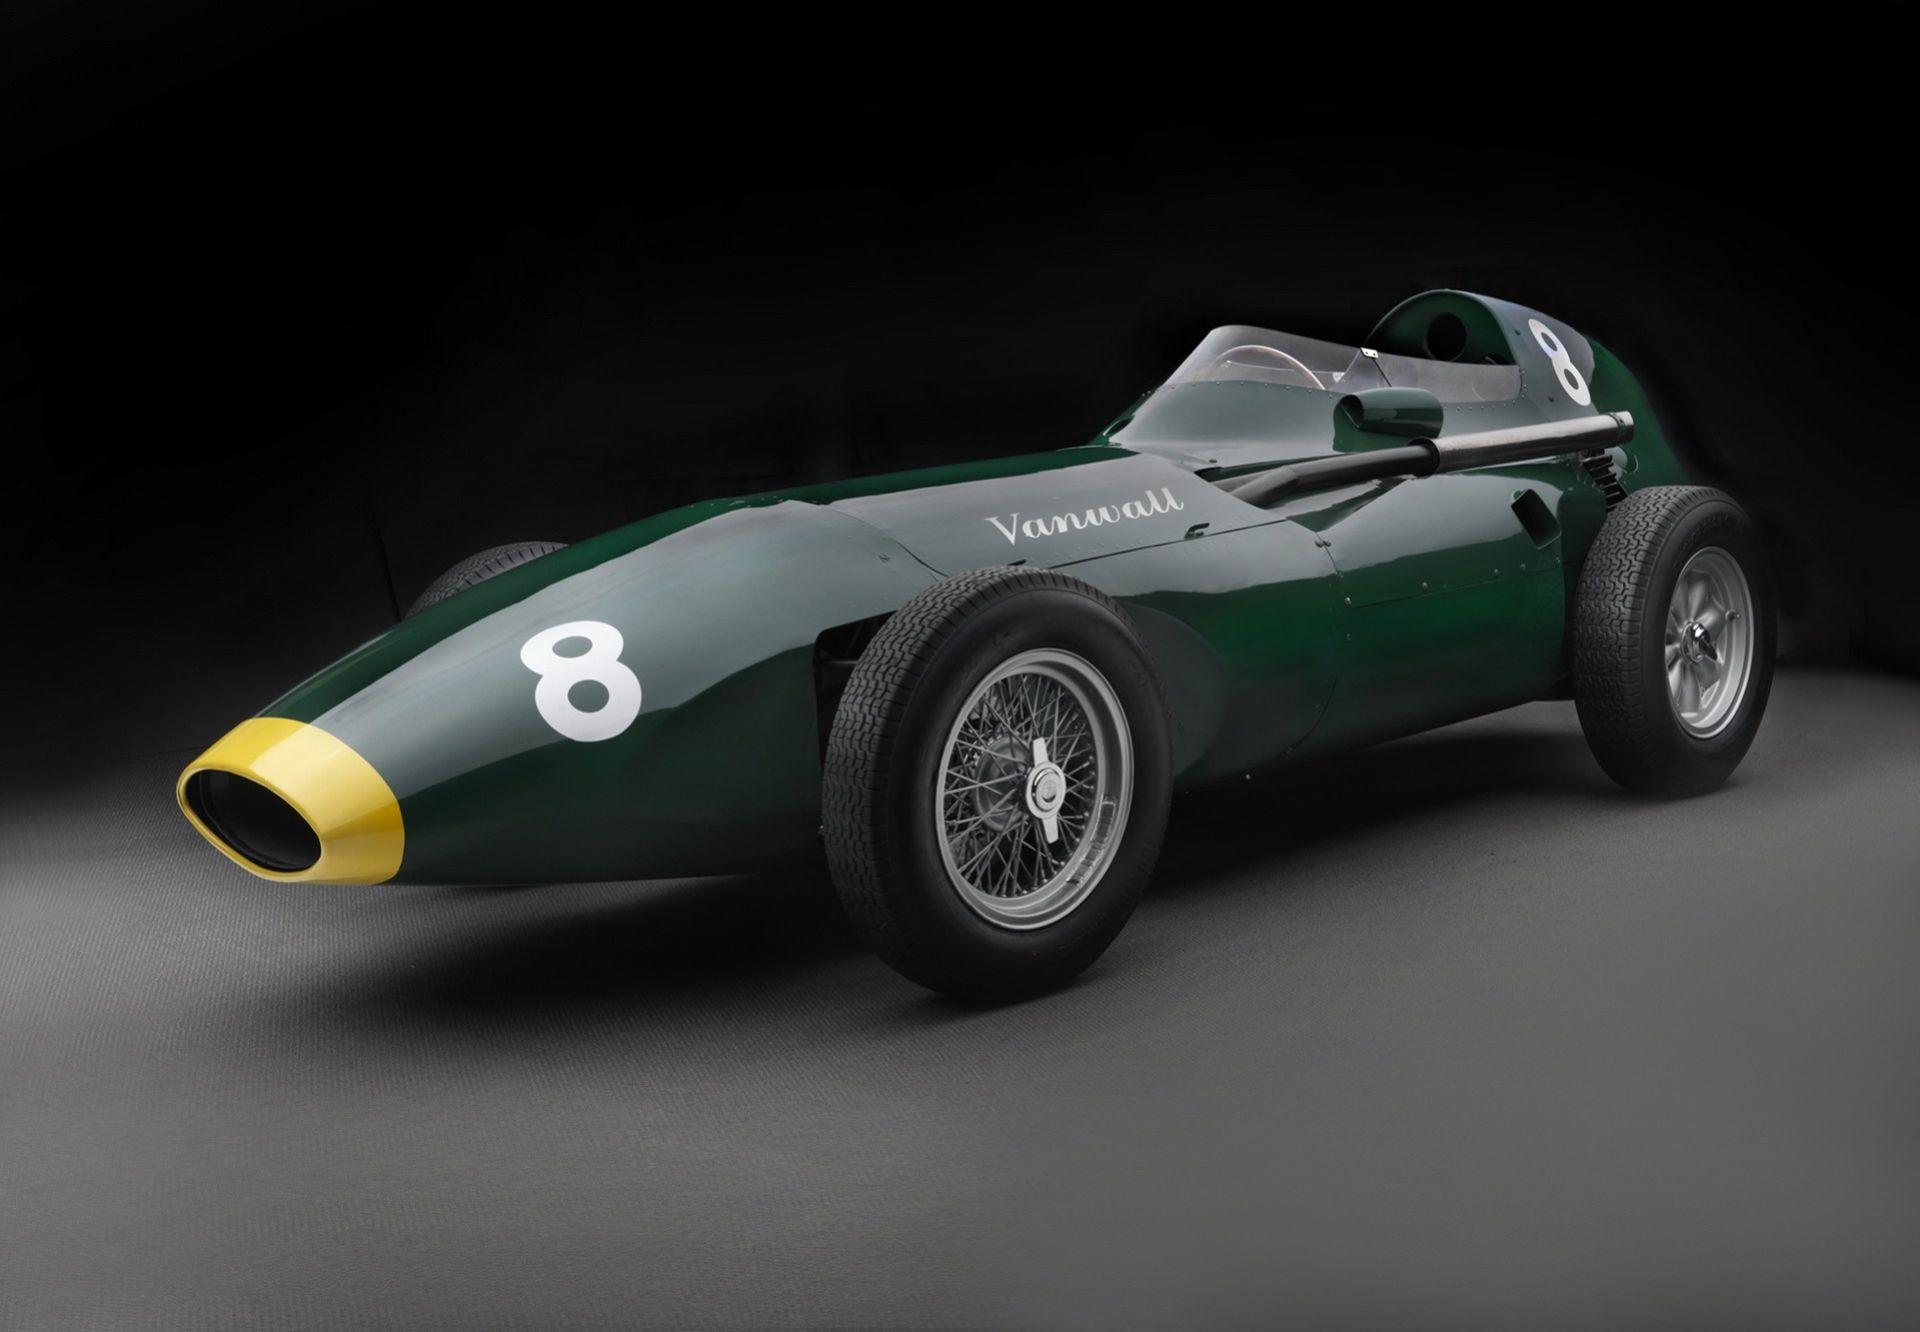 Köp en ny klassisk Formel 1-bil från Vanwall